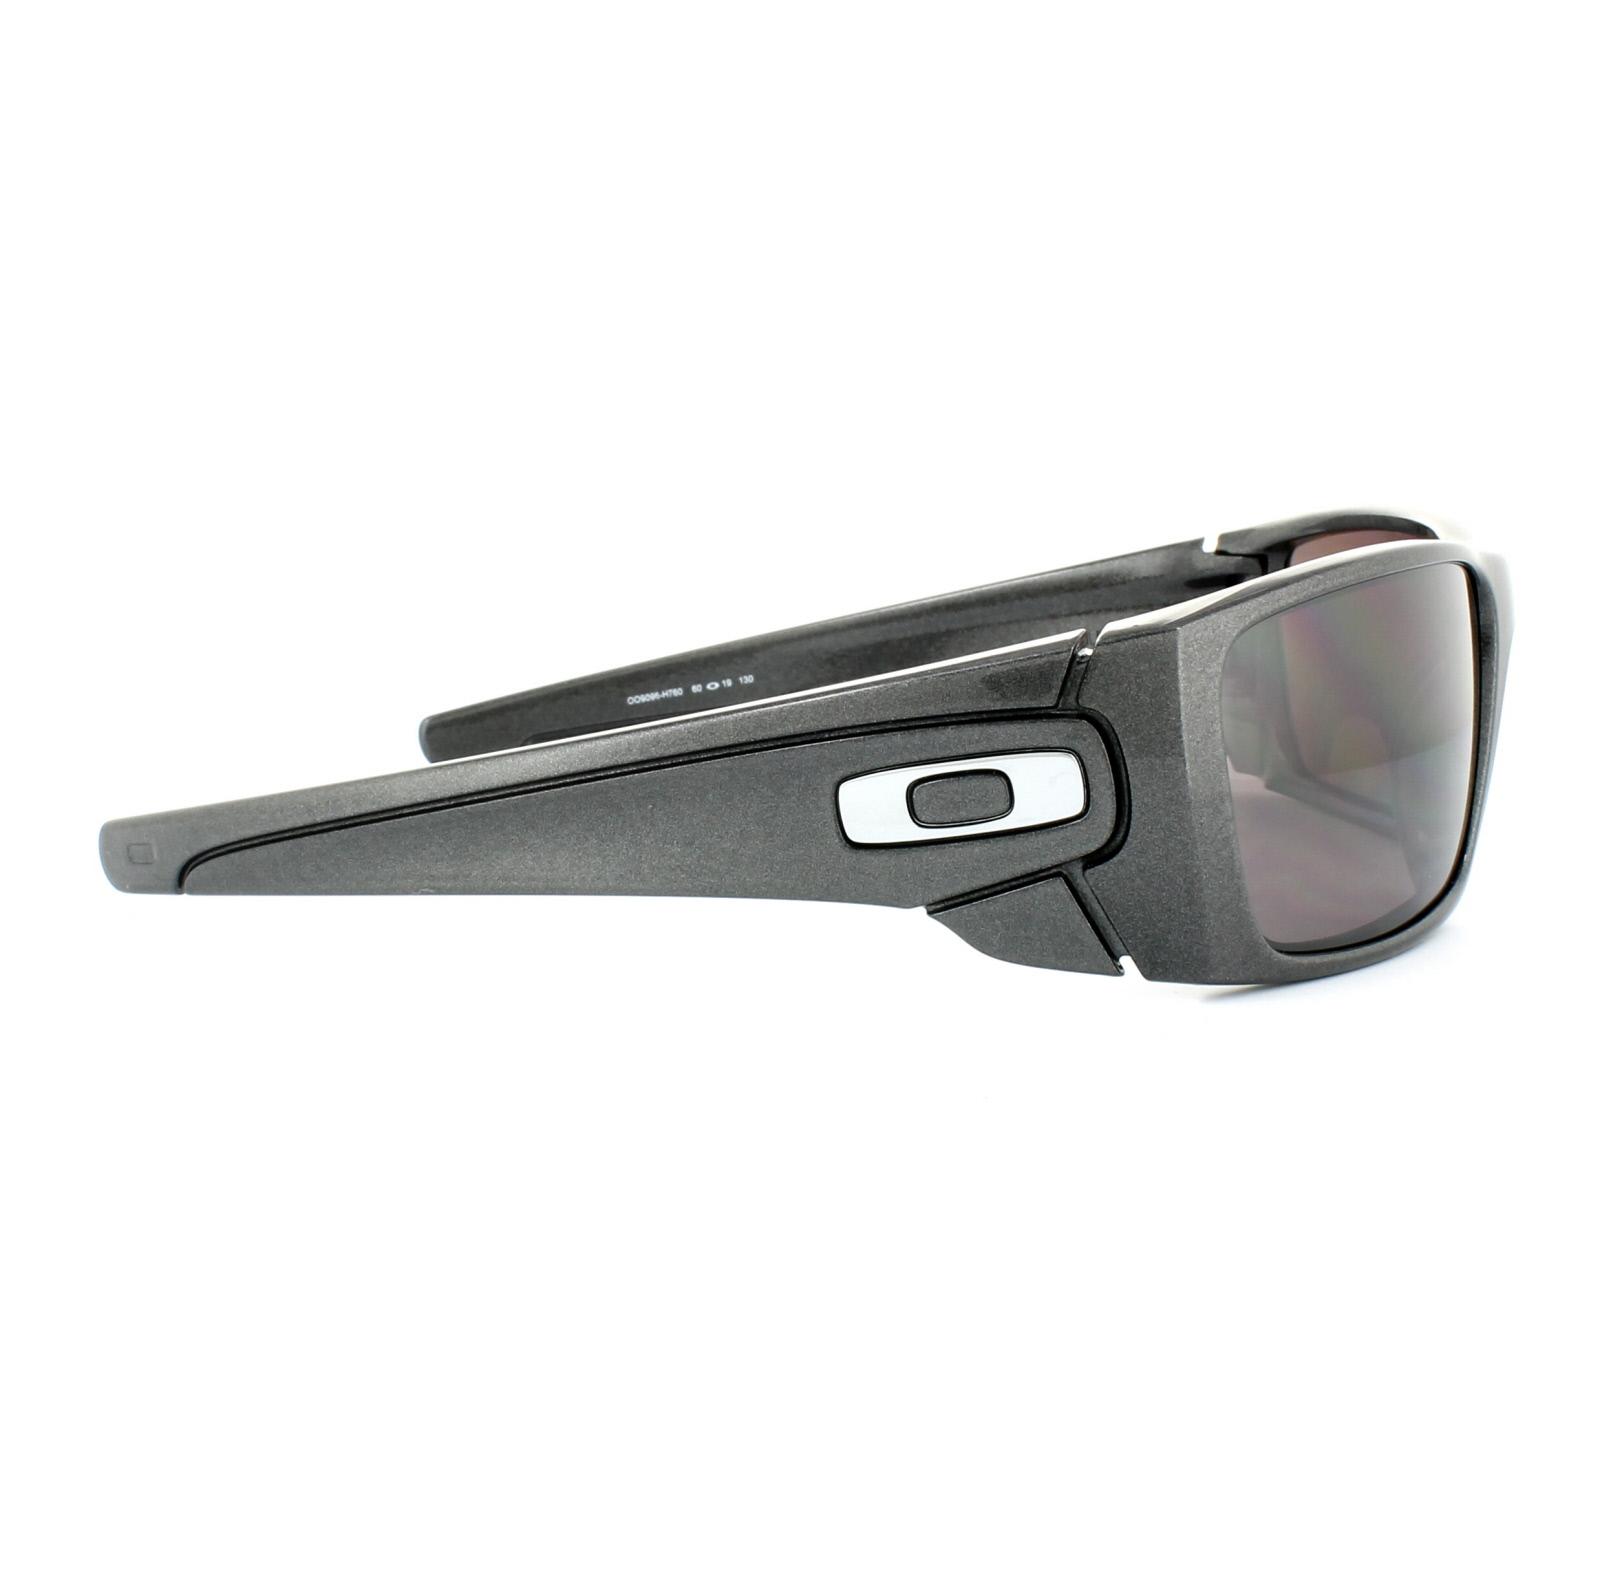 687044a2eb new oakley 9101 5527 batwolf sunglasses granite w prizm daily polarized   sentinel oakley sunglasses fuel cell oo9096 h7 granite prizm daily polarized